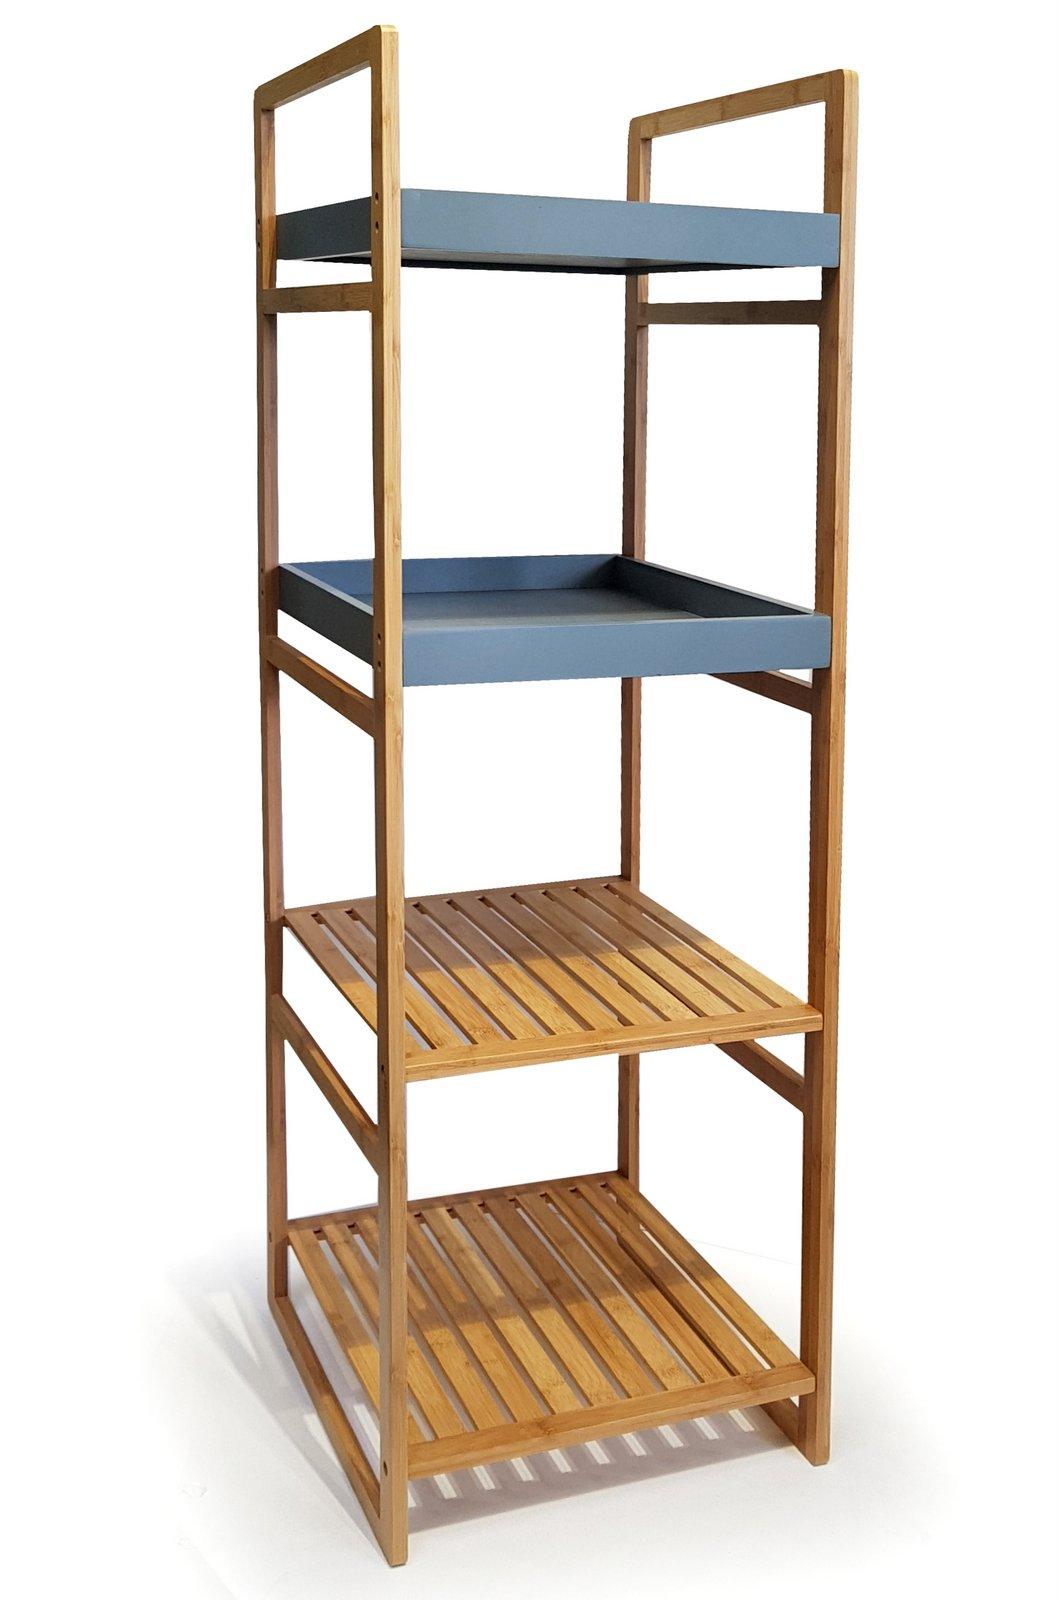 osoltus bambus badregal b cherregal regal bambusregal. Black Bedroom Furniture Sets. Home Design Ideas